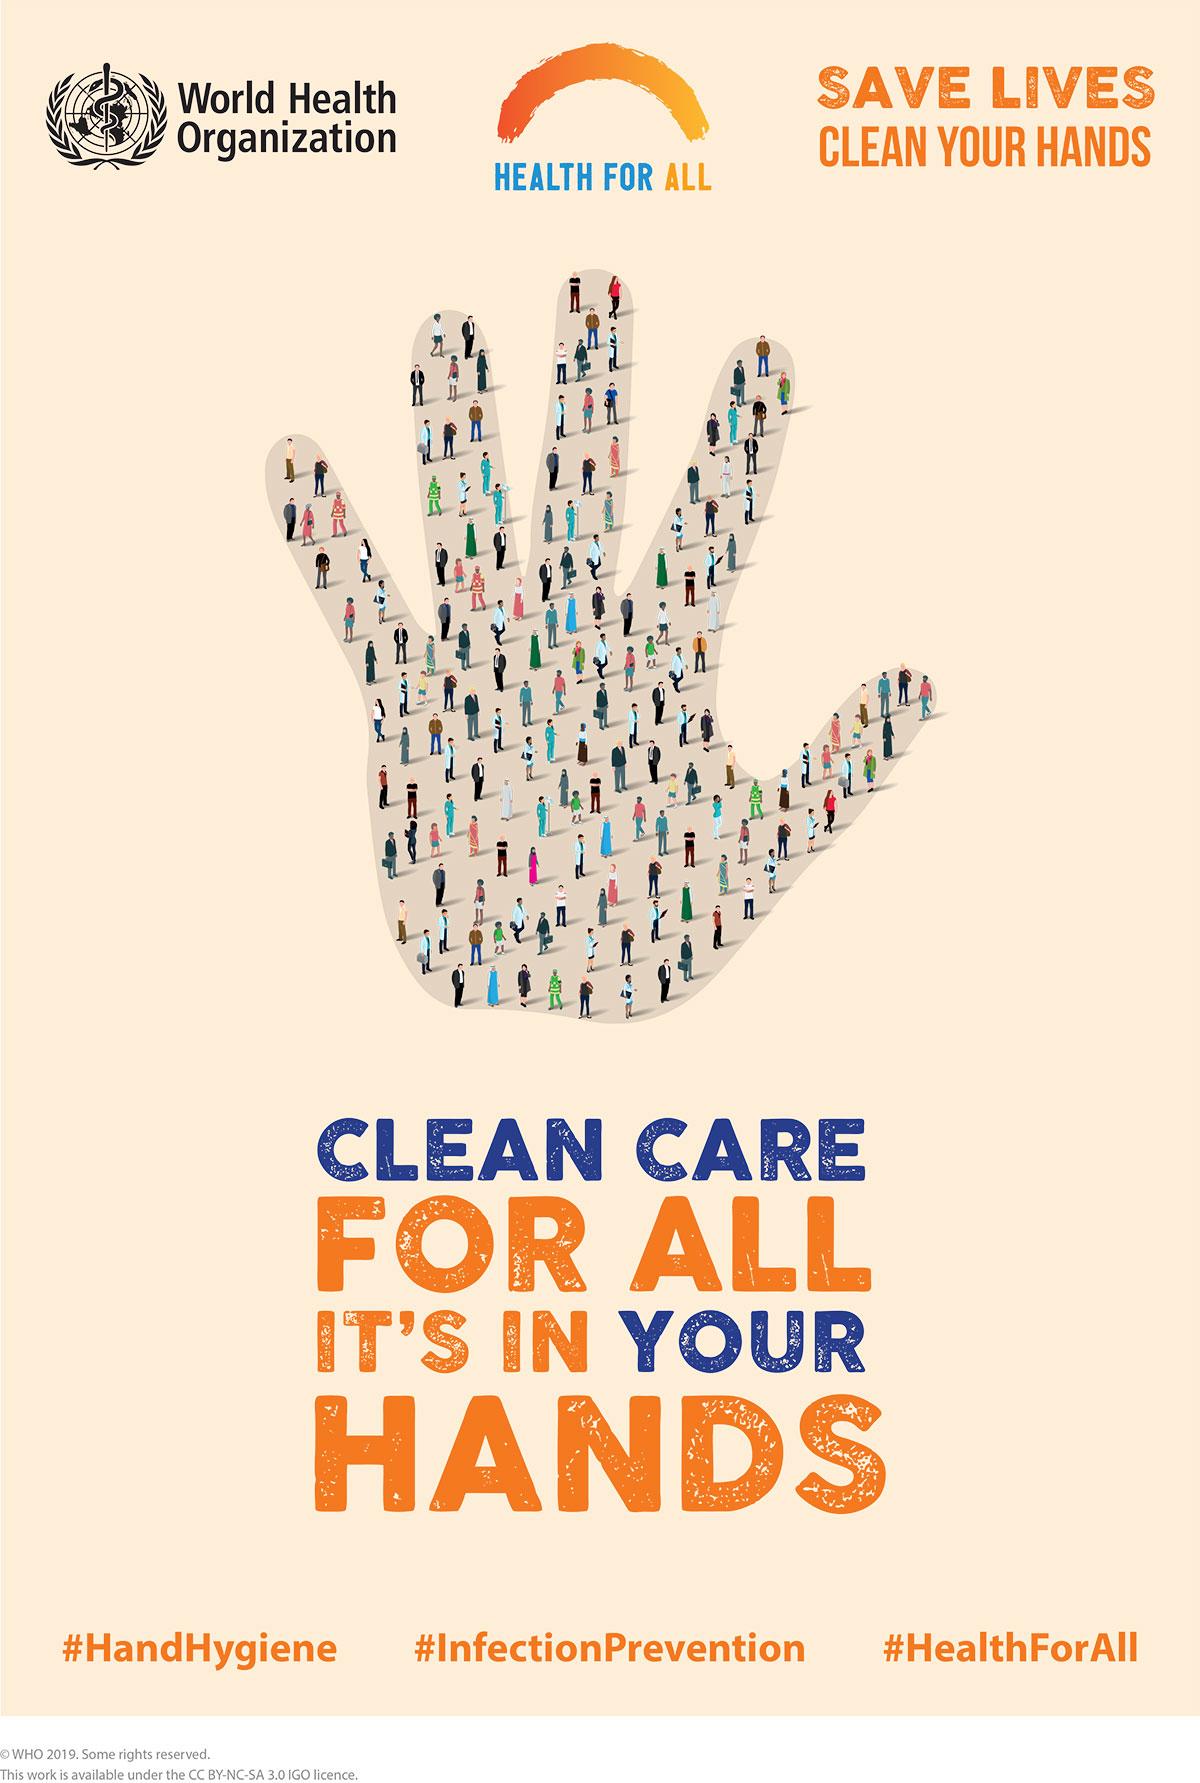 5 maja 2019 - Światowy Dzień Higieny Rąk